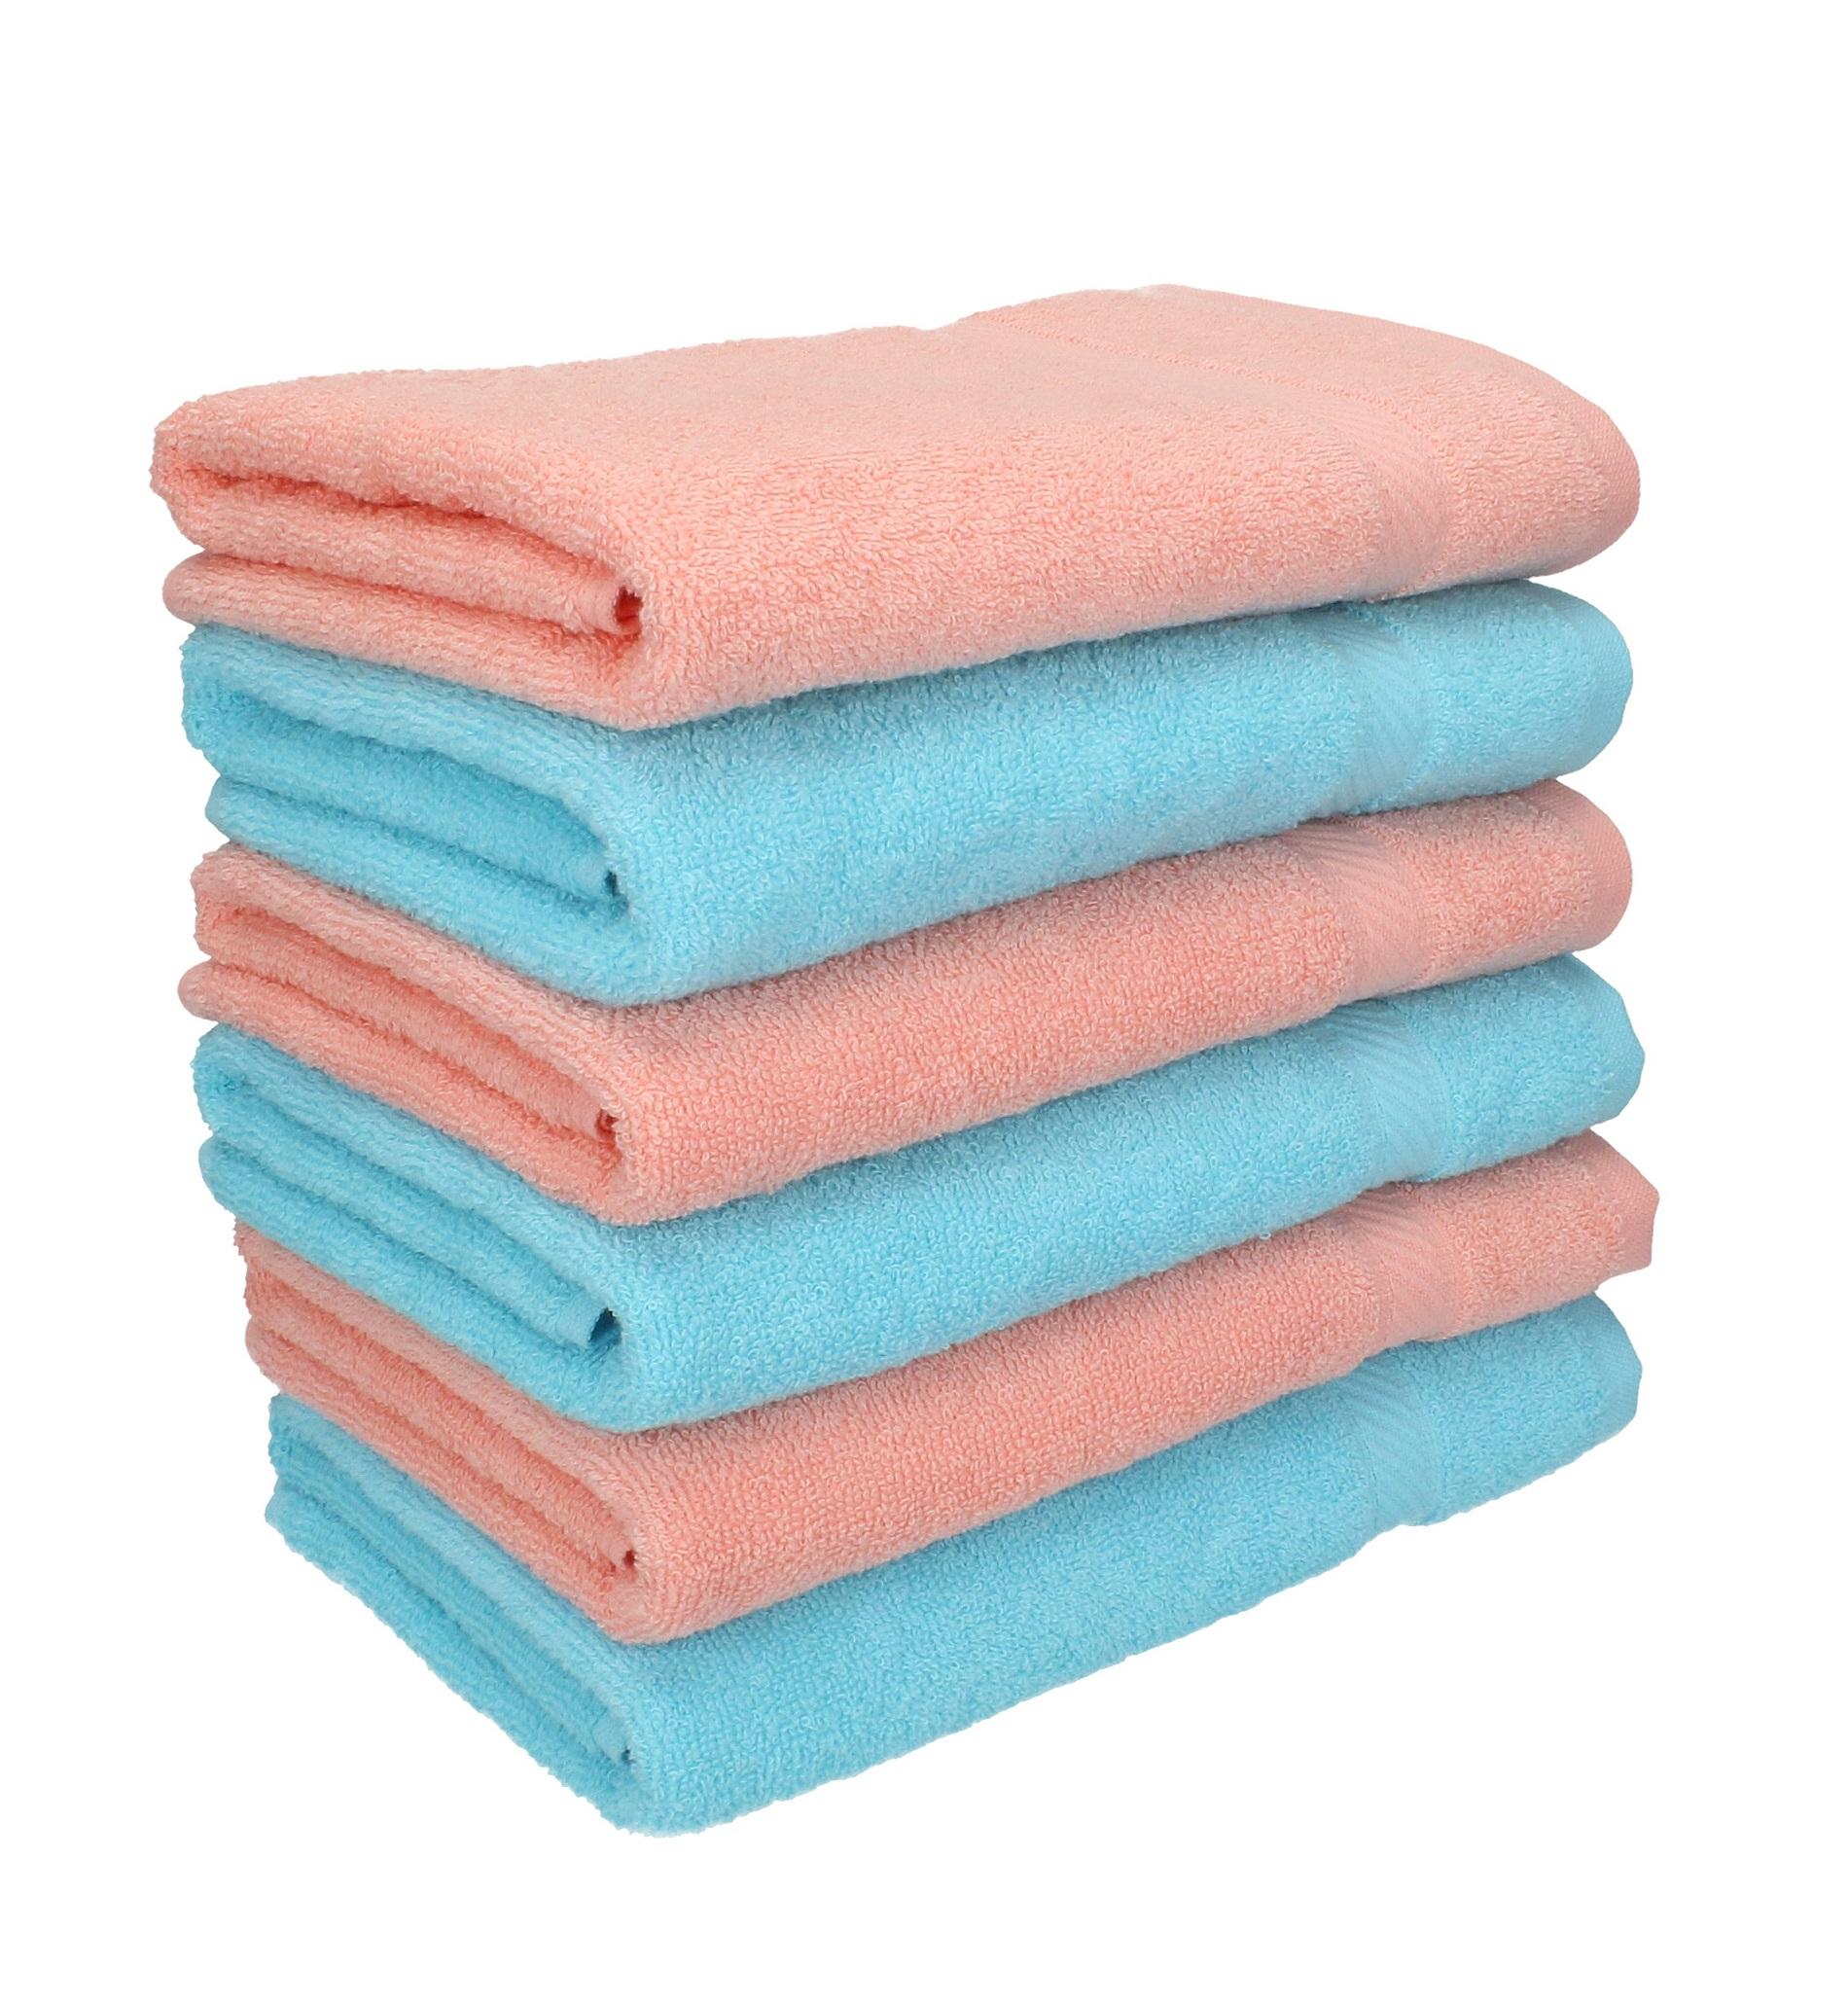 betz 6 st ck handt cher palermo 100 baumwolle handtuch set farbe apricot und t rkis. Black Bedroom Furniture Sets. Home Design Ideas